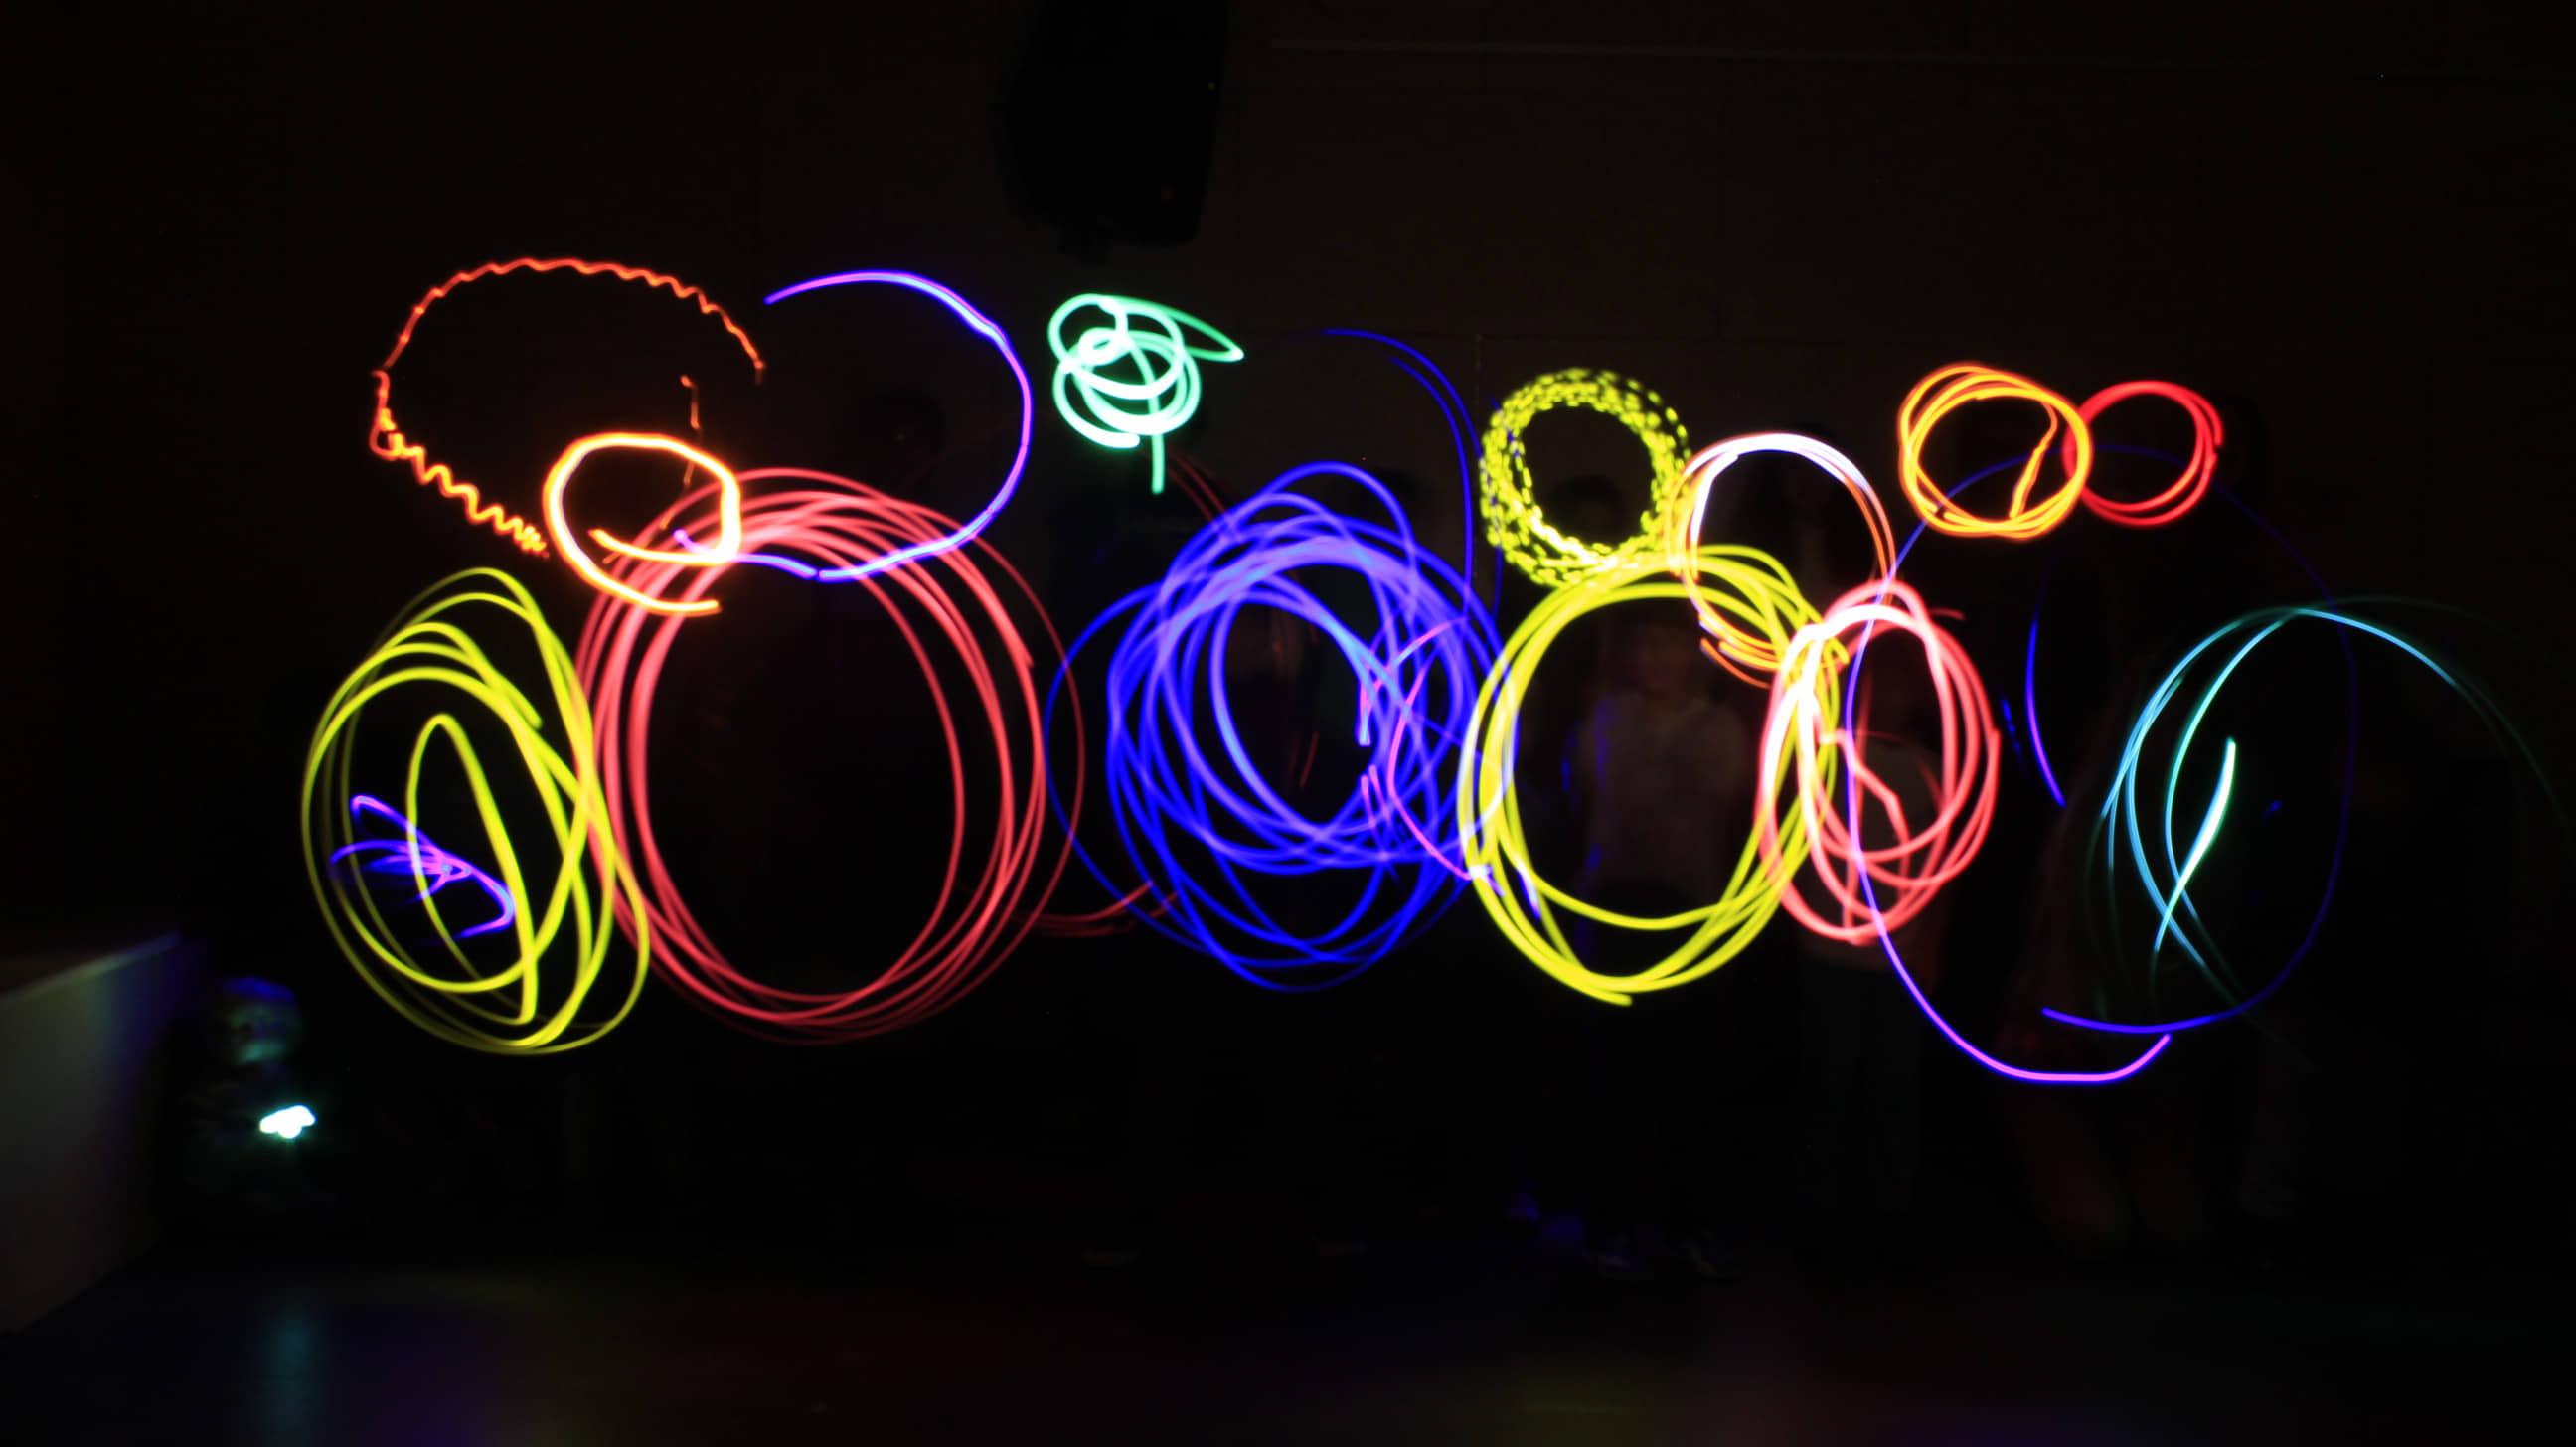 Apúntate al taller de animación Pika Pika y aprende a pintar con luz